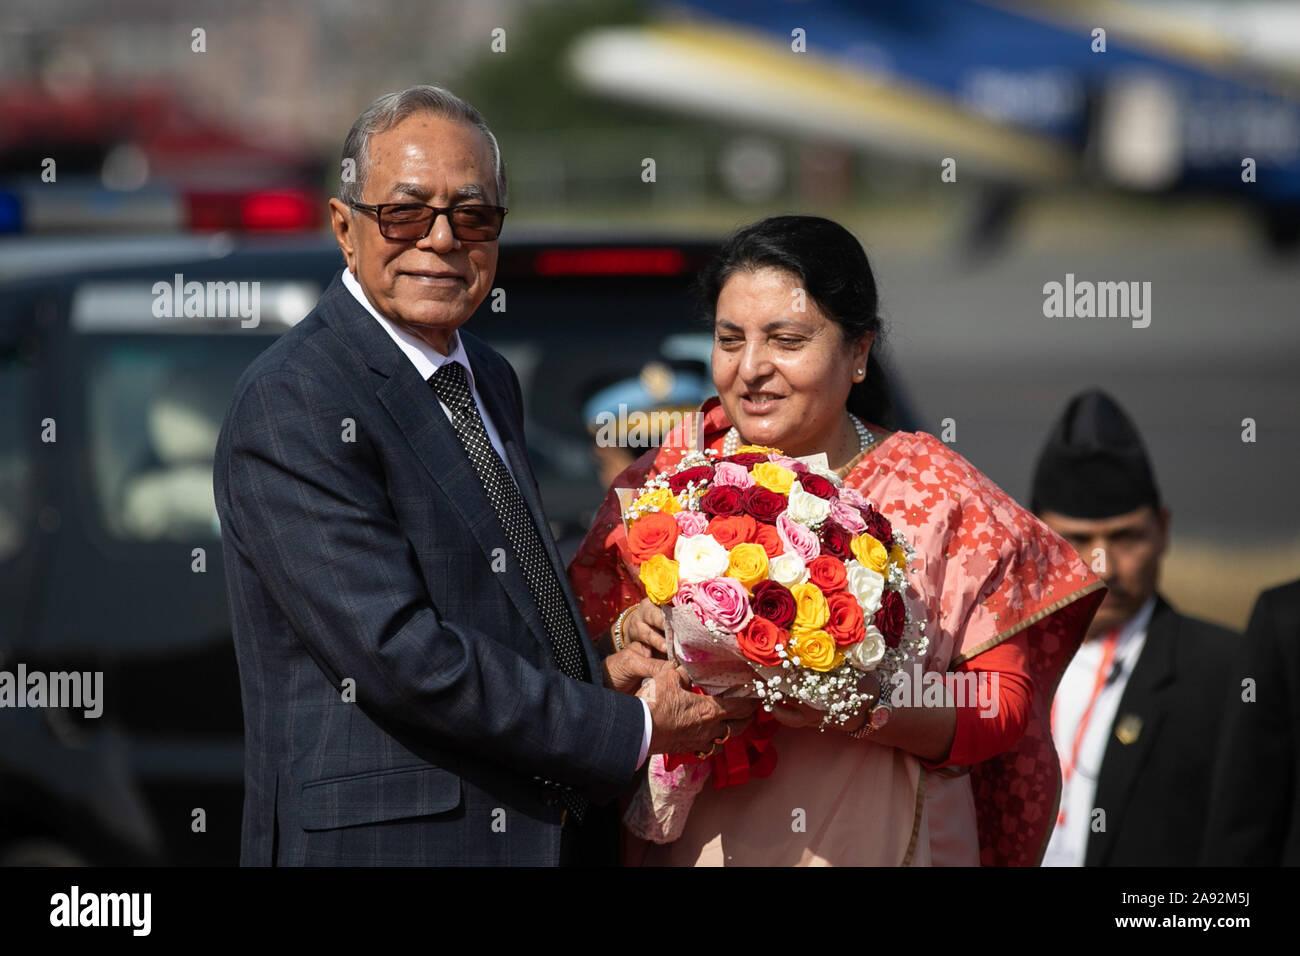 Kathmandu, Nepal. Xx Nov, 2019. Presidente del Bangladesh, Abdul Hamid (R) riceve un mazzo di fiori dal Nepal il Presidente Bidhya Devi Bhandari (L) al momento del suo arrivo presso l'aeroporto internazionale di Tribhuvan. Presidente del Bangladesh è su una tre-giorni di buona volontà ufficiale visita in Nepal su invito del Nepal è presidente. Credito: SOPA Immagini limitata/Alamy Live News Foto Stock